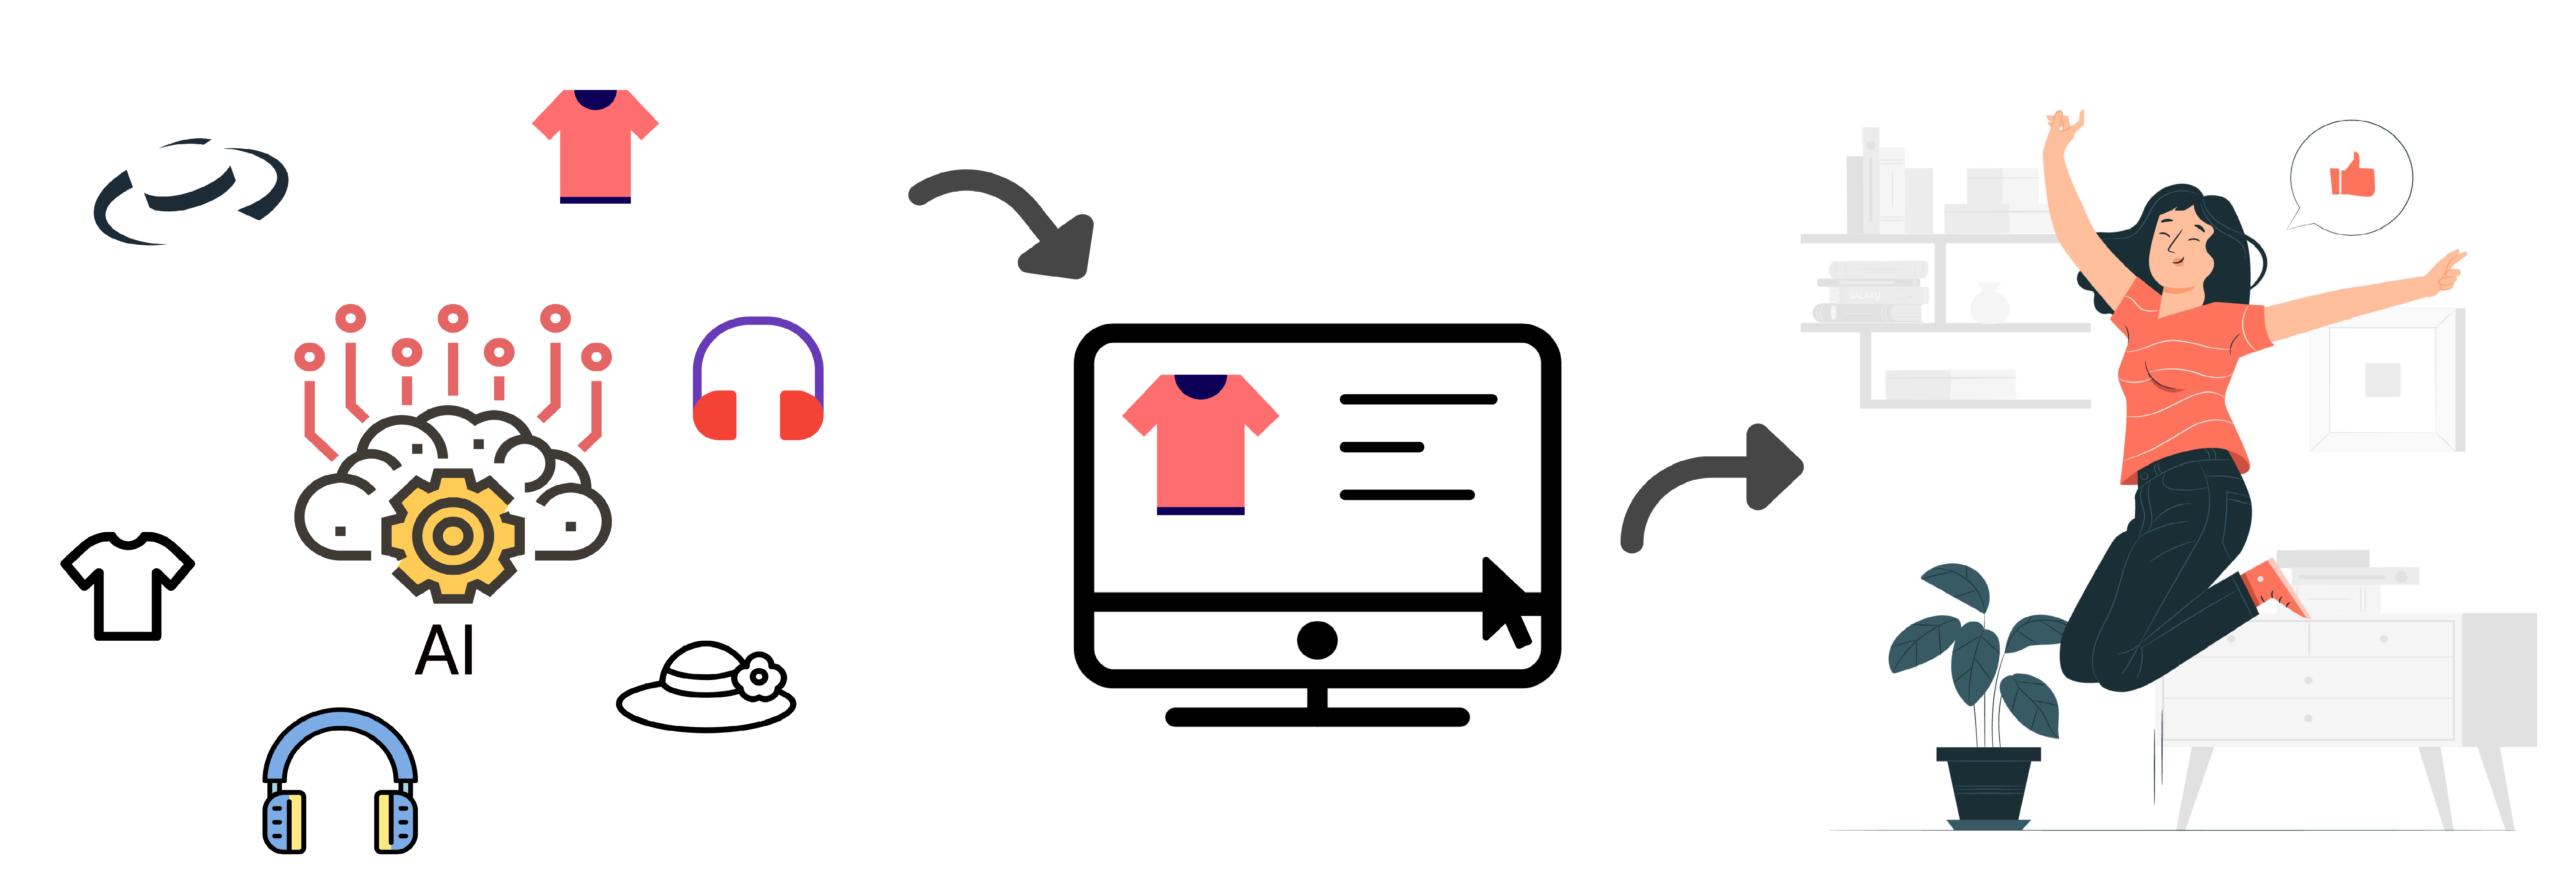 Revolutionizing Product Catalog Using AI